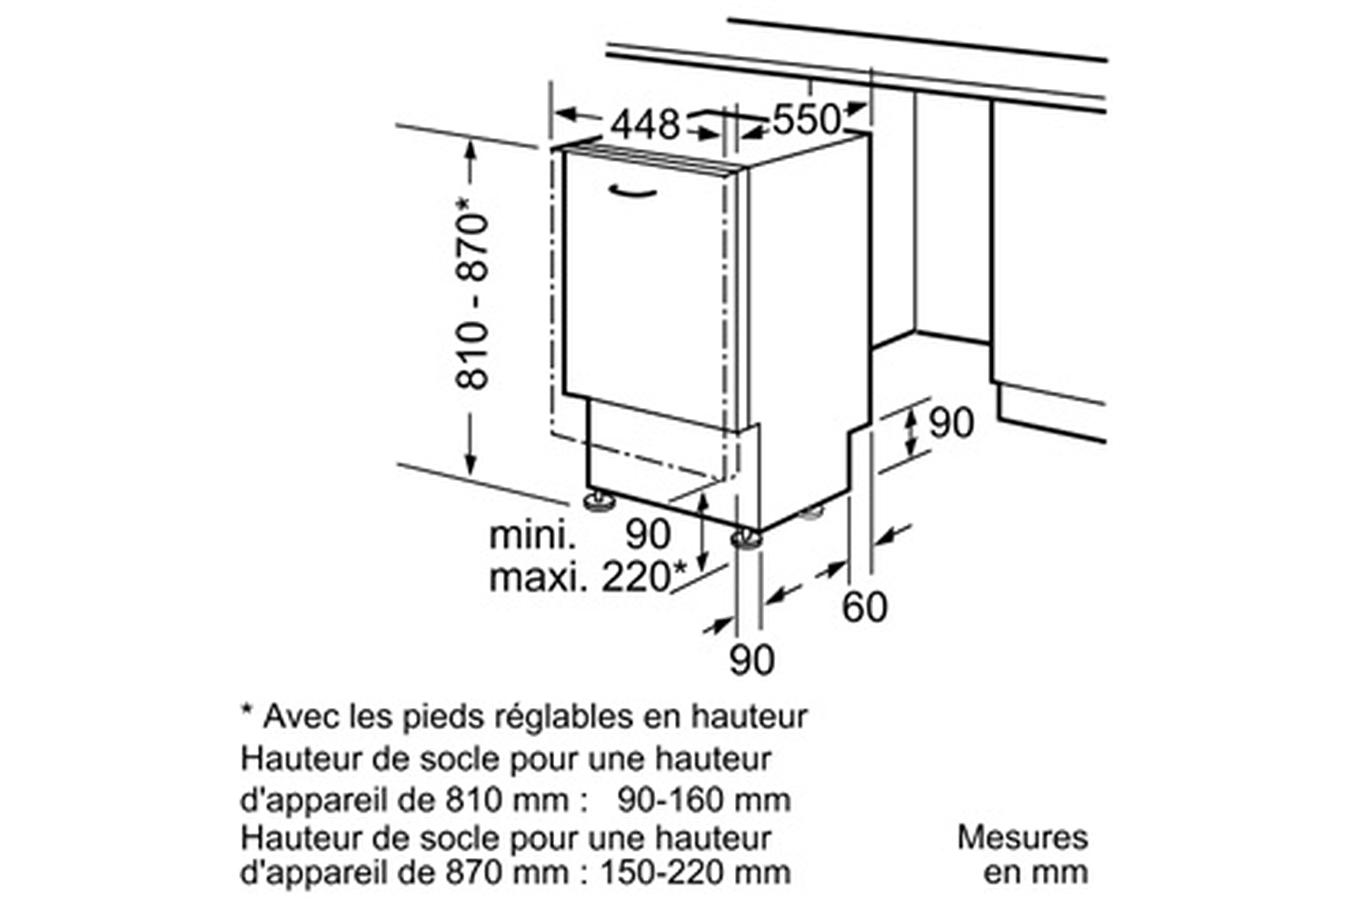 Hauteur evacuation lave vaisselle hauteur evacuation - Hauteur evacuation lave linge ...